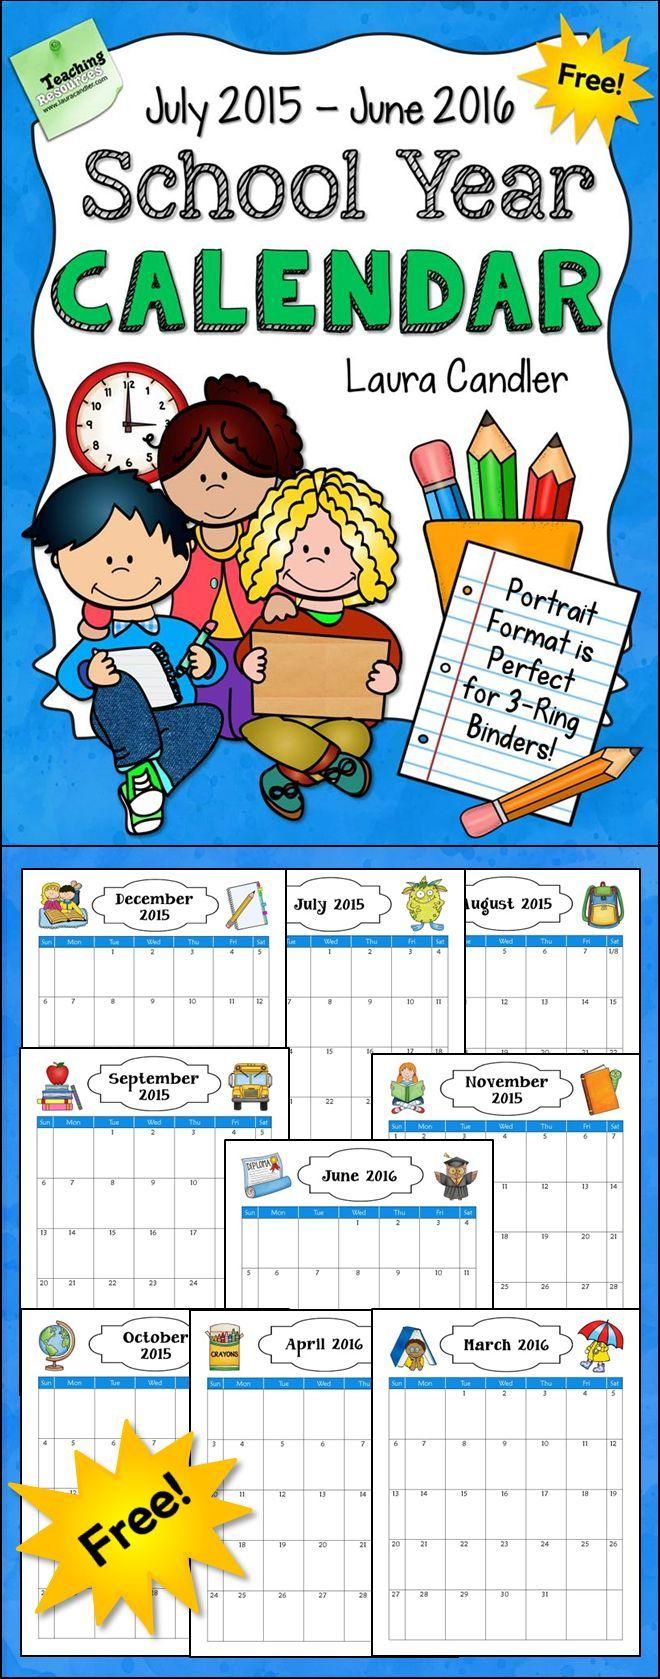 Year Up Calendar : School year calendar for awesome freebie